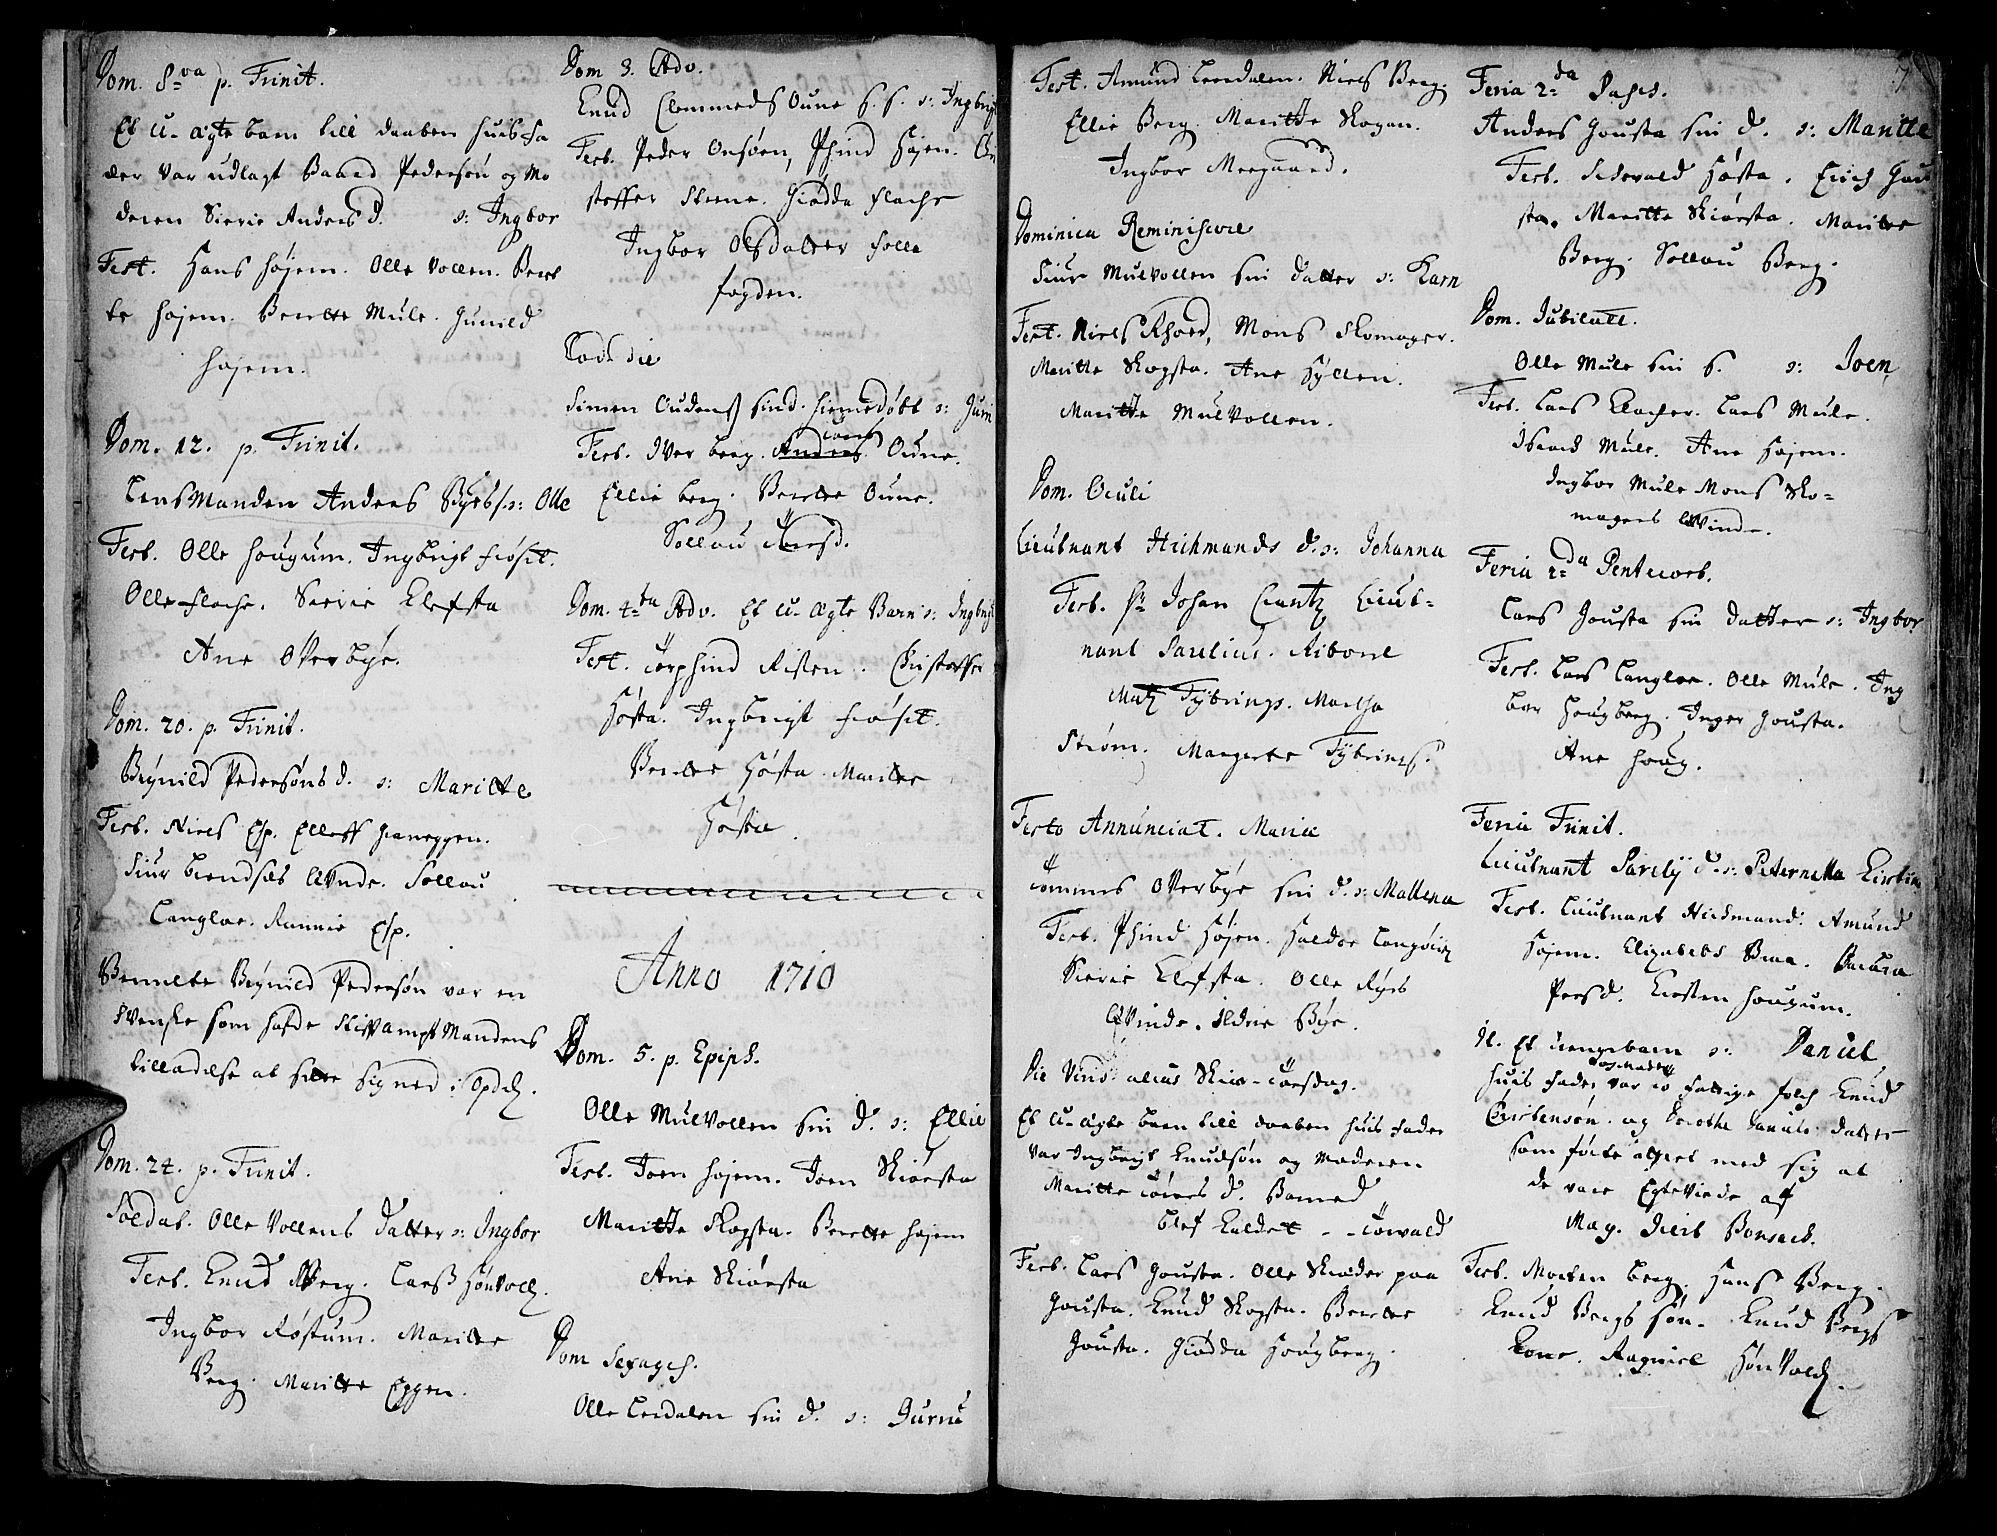 SAT, Ministerialprotokoller, klokkerbøker og fødselsregistre - Sør-Trøndelag, 612/L0368: Ministerialbok nr. 612A02, 1702-1753, s. 7